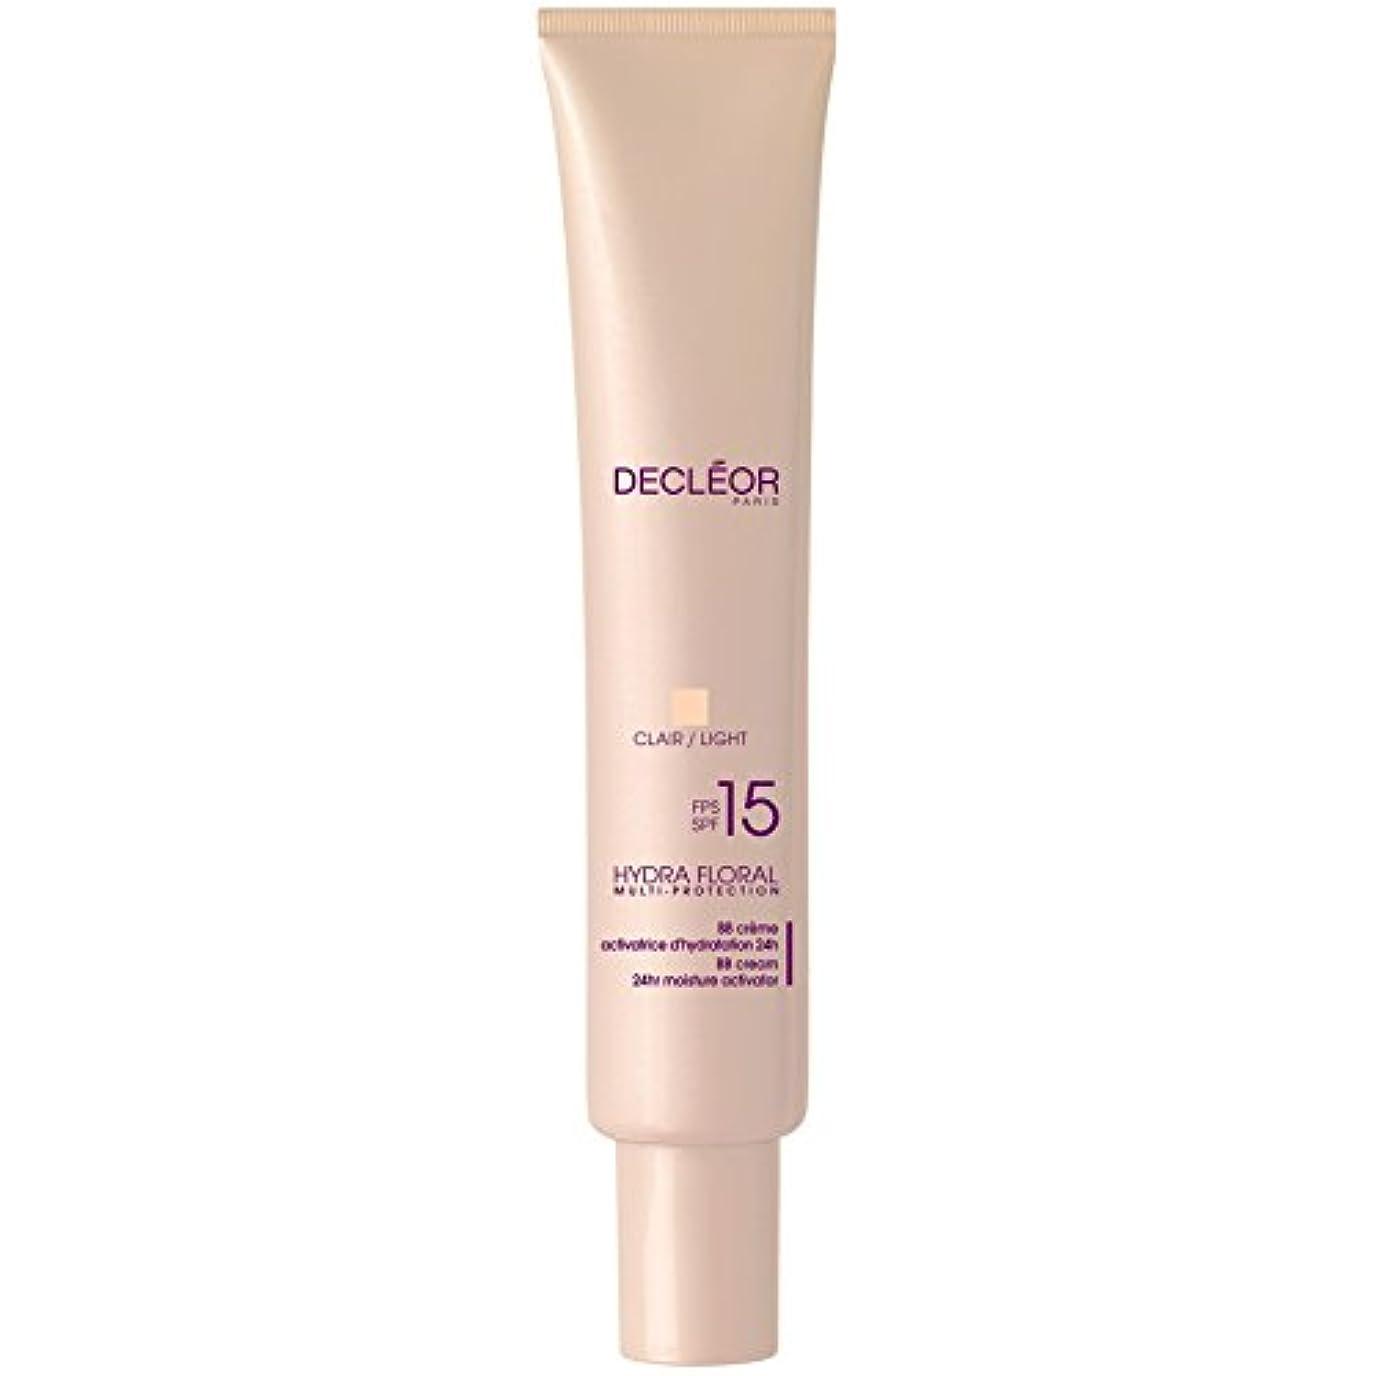 究極の簡略化するミッション[Decl?or ] デクレオールBbクリームスキンパーフェクの40Mlの光 - Decl?or BB Cream Skin Perfector 40ml Light [並行輸入品]